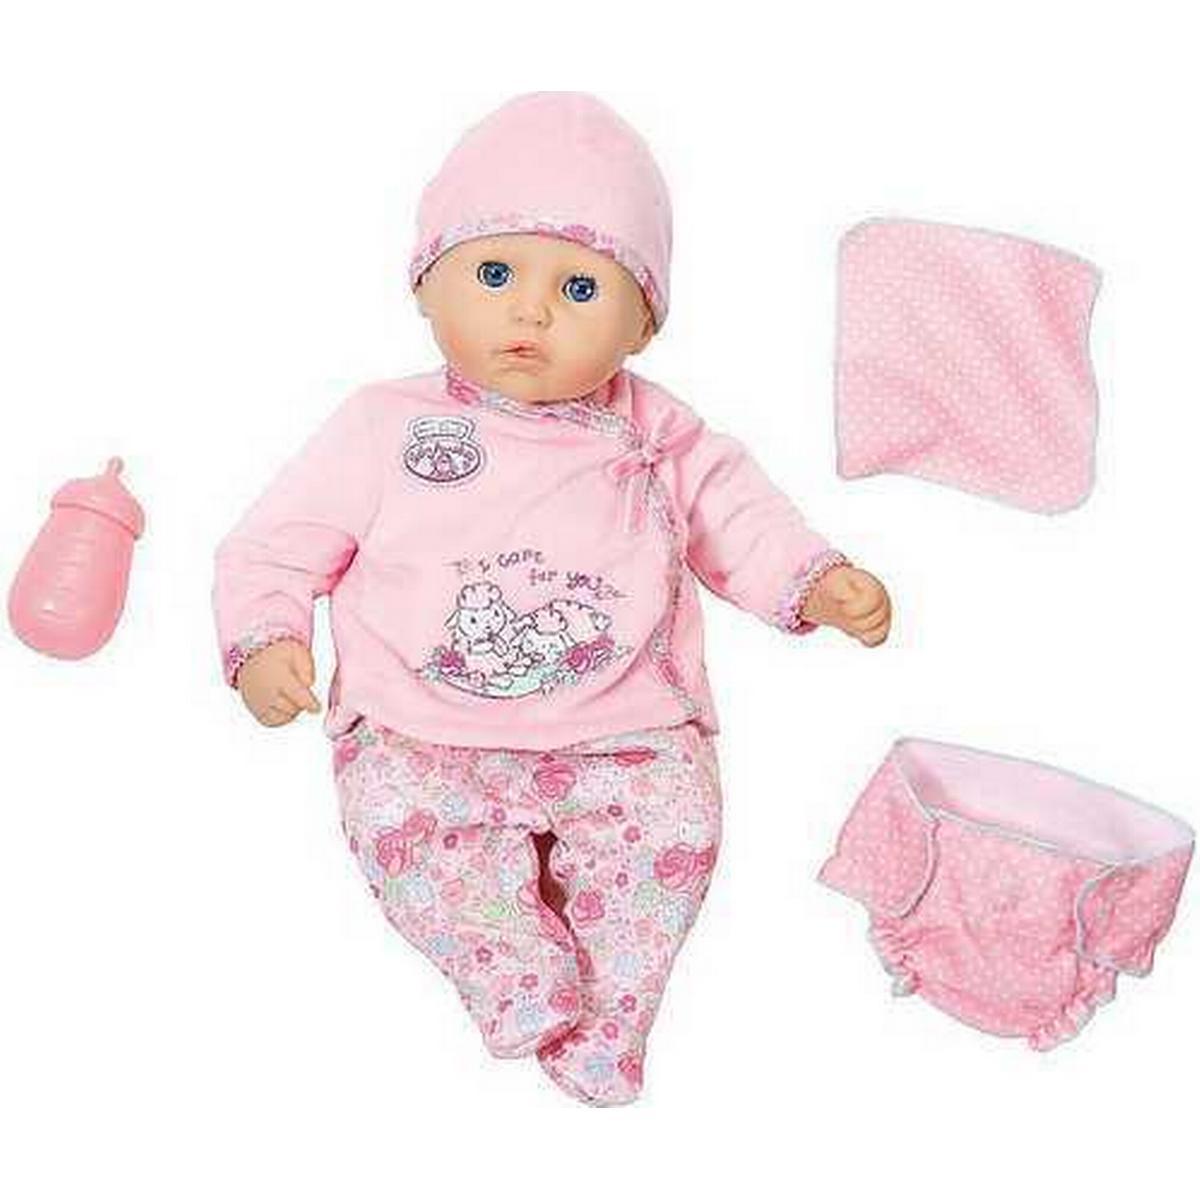 2e83c6d8d80 Babydukker - Dukketøj - Sammenlign priser hos PriceRunner